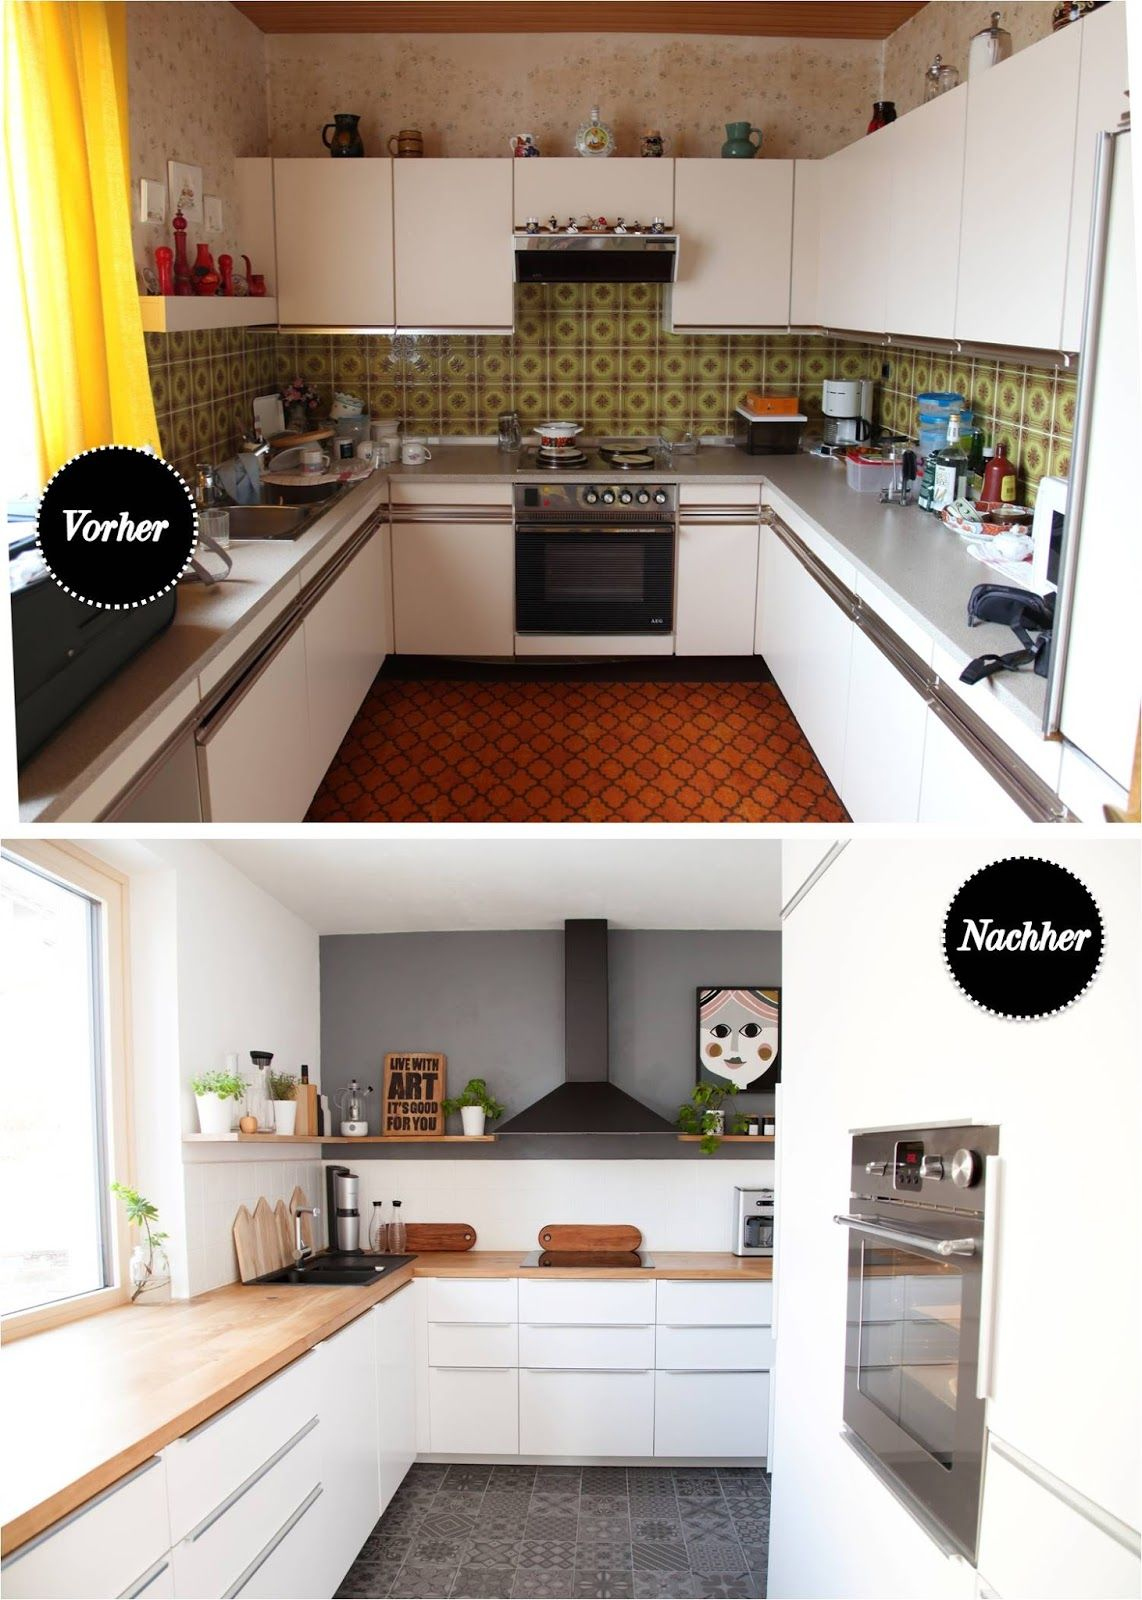 wohn projekt der mama tochter blog f r interior diy dekoration und kreatives endlich. Black Bedroom Furniture Sets. Home Design Ideas